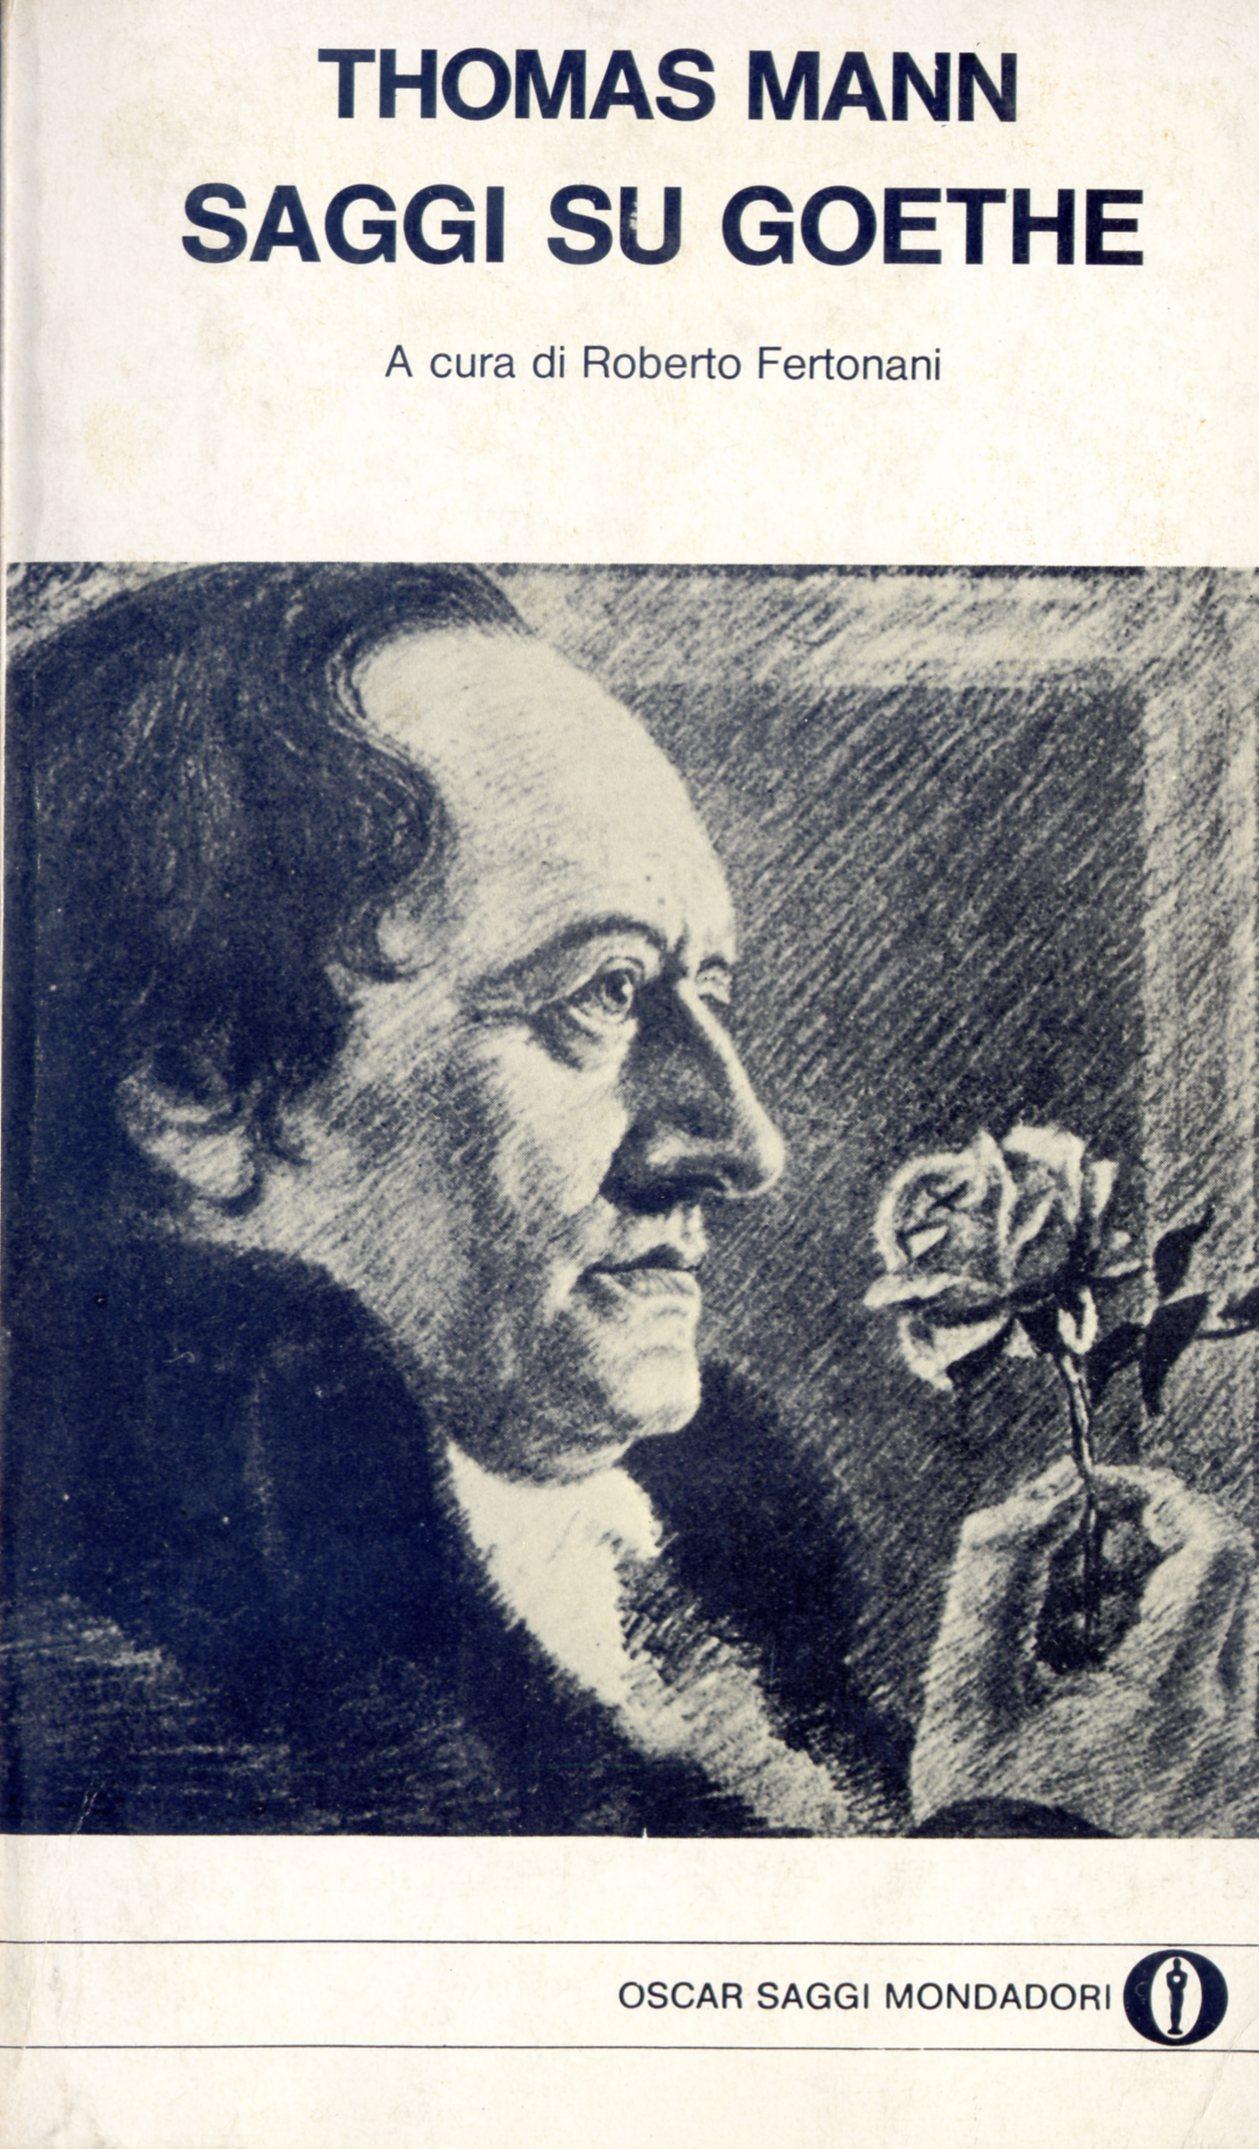 Saggi su Goethe